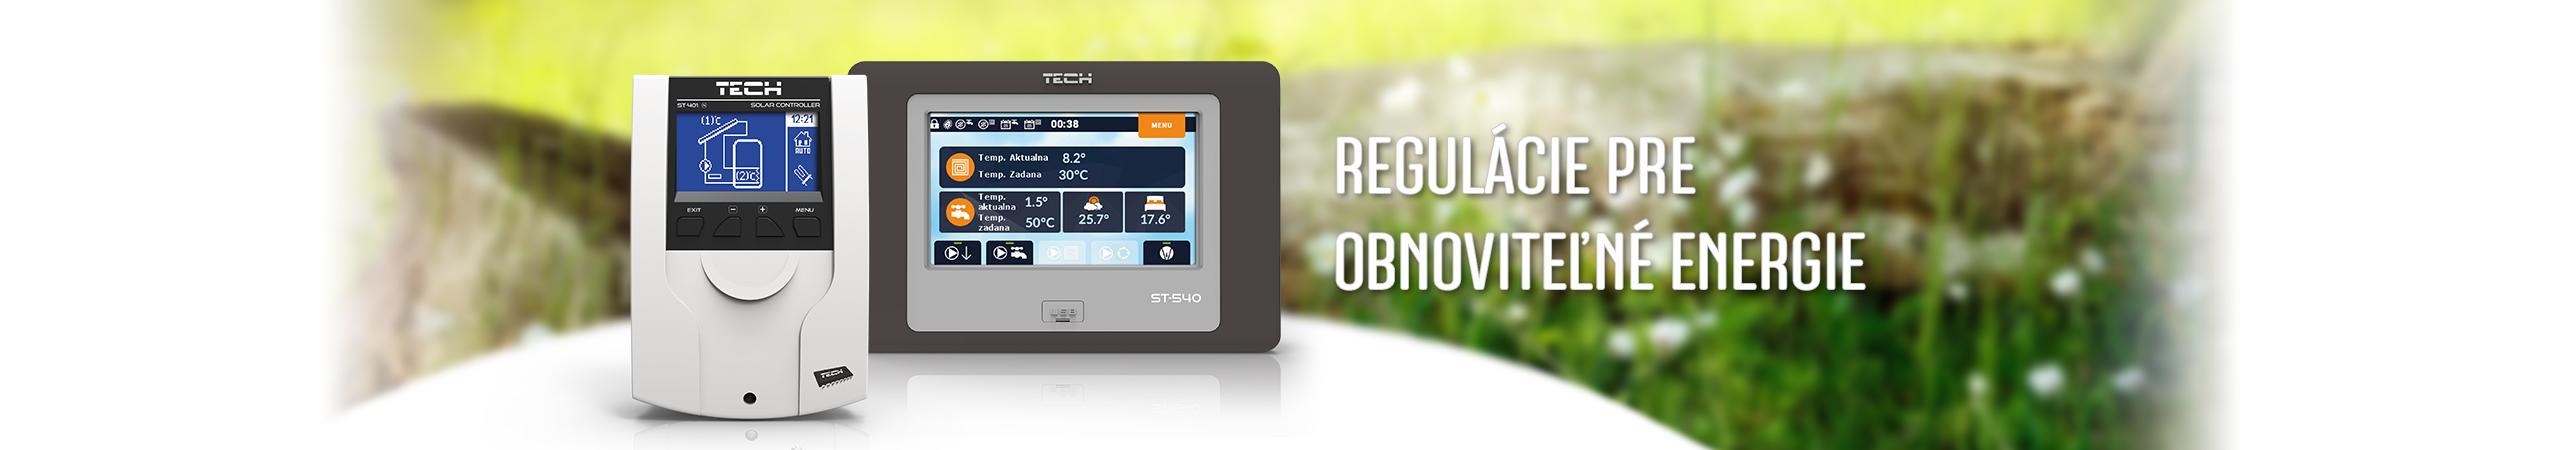 Pre obnoviteľné energie - TECH Sterowniki